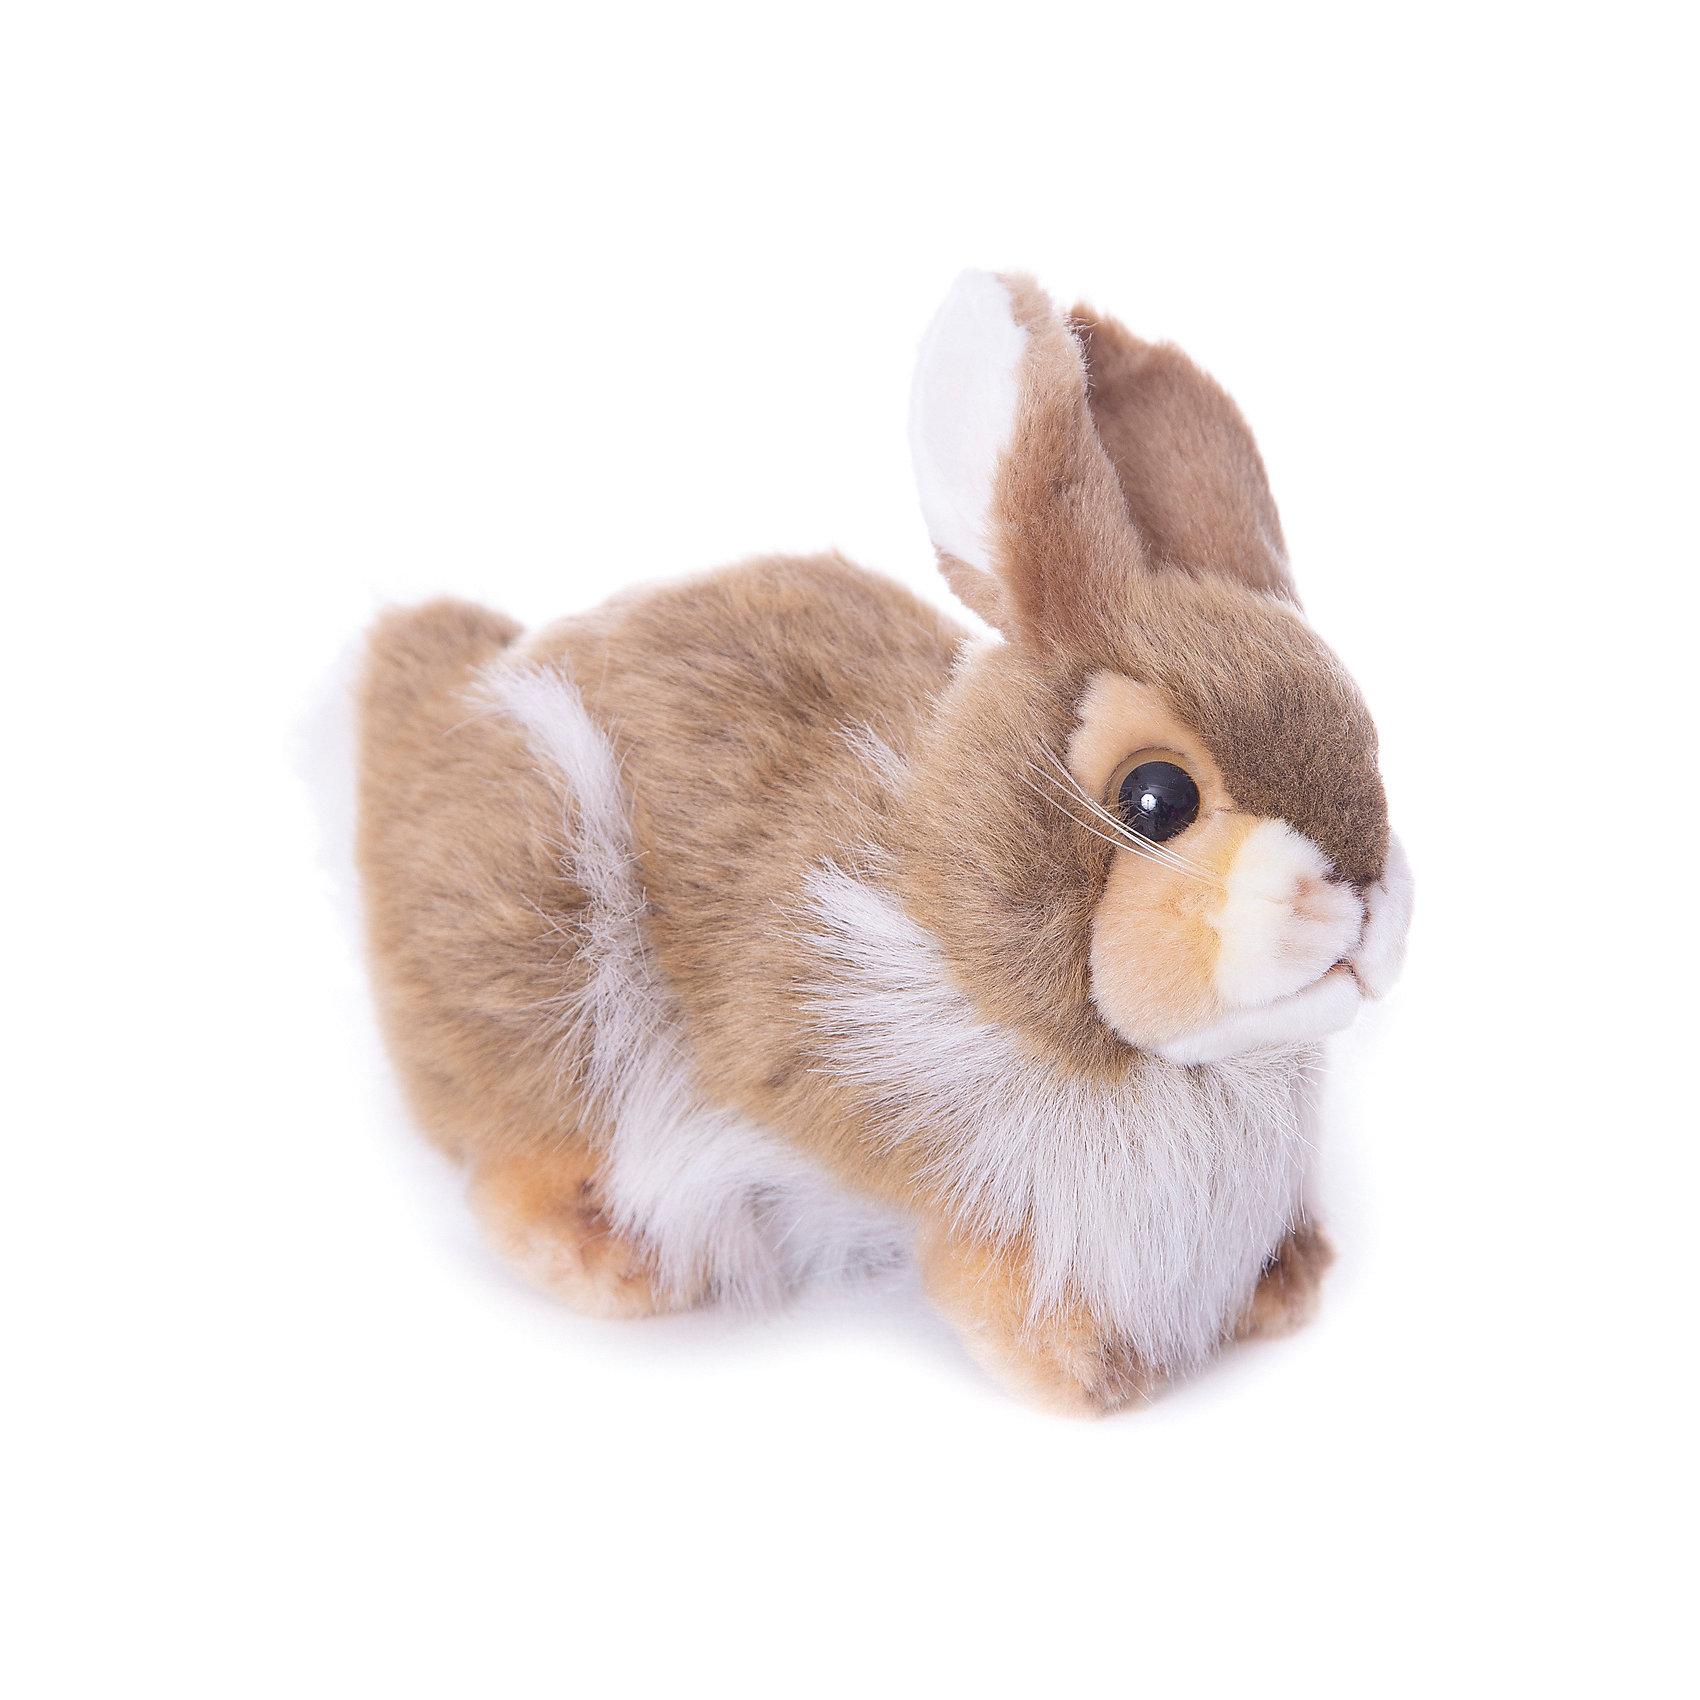 Кролик, 23 смКролик, 23 см – игрушка от знаменитого бренда Hansa, специализирующегося на выпуске мягких игрушек с высокой степенью натуралистичности. Внешний вид игрушечного кролика полностью соответствует реальному прототипу – домашнему кролику. Он выполнен из искусственного меха с ворсом разной длины: короткий на лапках, ушках и мордочке, длинный – на туловище. Окрас игрушки – коричнево-белый. Использованные материалы обладают гипоаллергенными свойствами. Внутри игрушки имеется металлический каркас, позволяющий изменять положение. <br>Игрушка относится к серии Домашние животные. <br>Мягкие игрушки от Hansa подходят для сюжетно-ролевых игр, для обучающих игр, направленных на знакомство с миром живой природы. Кроме того, их можно использовать в качестве интерьерных игрушек. Коллекция из нескольких игрушек позволяет создать свою домашнюю ферму, которая будет радовать вашего ребенка долгое время, так как ручная работа и качественные материалы гарантируют их долговечность и прочность.<br><br>Дополнительная информация:<br><br>- Вид игр: сюжетно-ролевые игры, коллекционирование, интерьерные игрушки<br>- Предназначение: для дома, для детских развивающих центров, для детских садов<br>- Материал: искусственный мех, наполнитель ? полиэфирное волокно<br>- Размер (ДхШхВ): 23*18*11 см<br>- Вес: 570 г<br>- Особенности ухода: сухая чистка при помощи пылесоса или щетки для одежды<br><br>Подробнее:<br><br>• Для детей в возрасте: от 3 лет <br>• Страна производитель: Филиппины<br>• Торговый бренд: Hansa<br><br>Кролика, 23 см можно купить в нашем интернет-магазине.<br><br>Ширина мм: 23<br>Глубина мм: 18<br>Высота мм: 11<br>Вес г: 570<br>Возраст от месяцев: 36<br>Возраст до месяцев: 2147483647<br>Пол: Унисекс<br>Возраст: Детский<br>SKU: 4927145